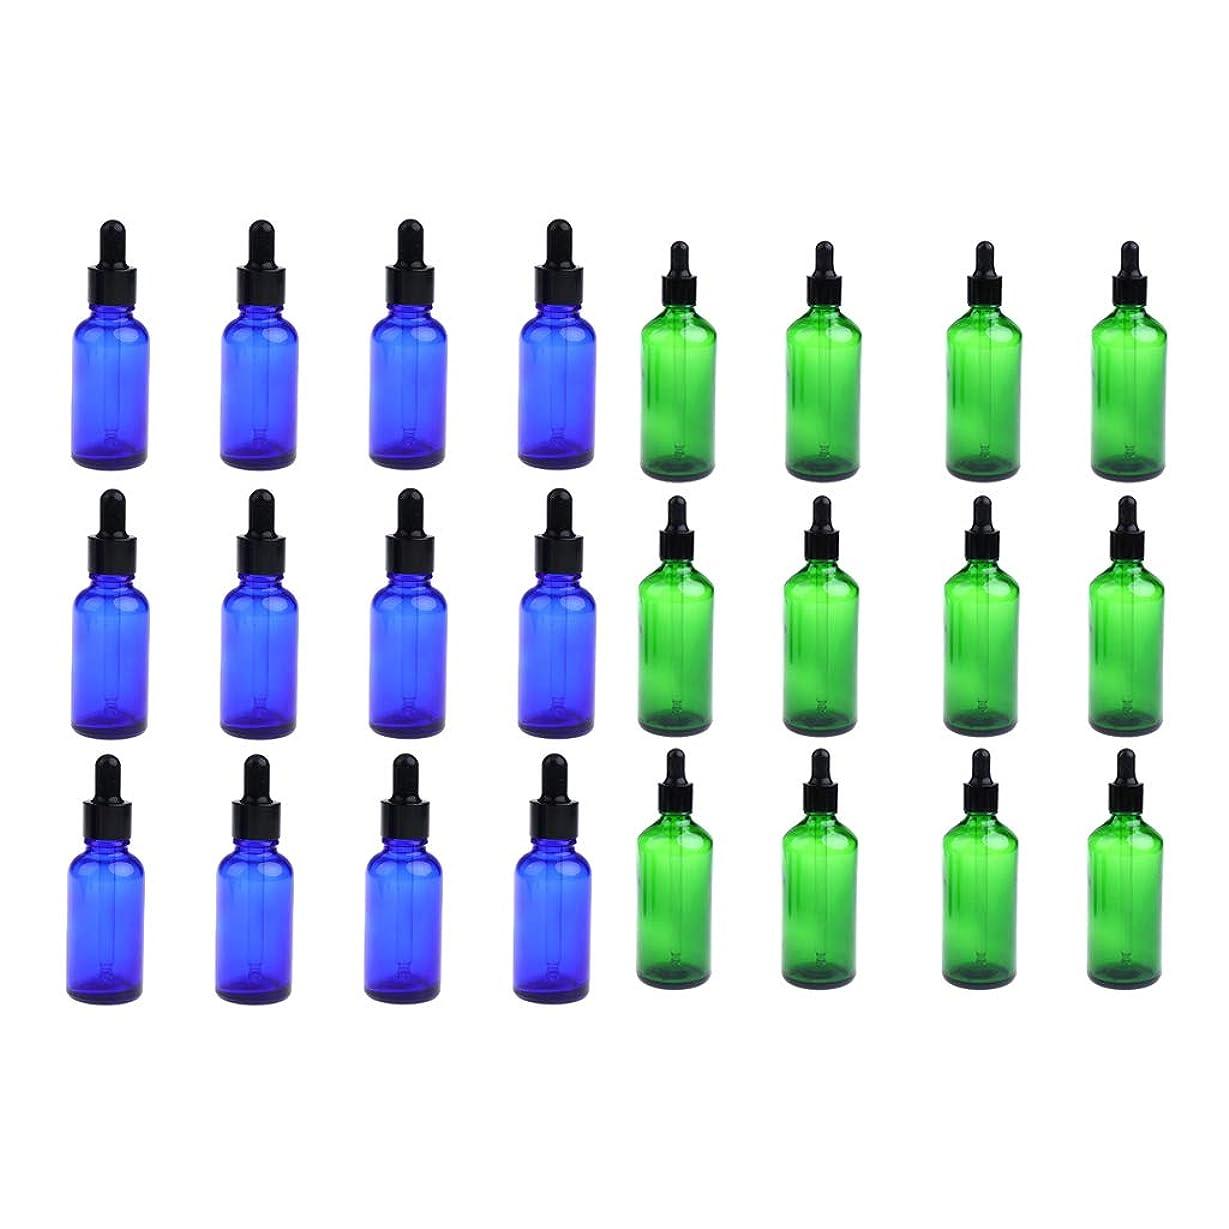 過ちさておきチョークスポイト 瓶 遮光 スポイトボトル エッセンシャルボトル プラスチック マッサージ 美容院 アロマテラピー